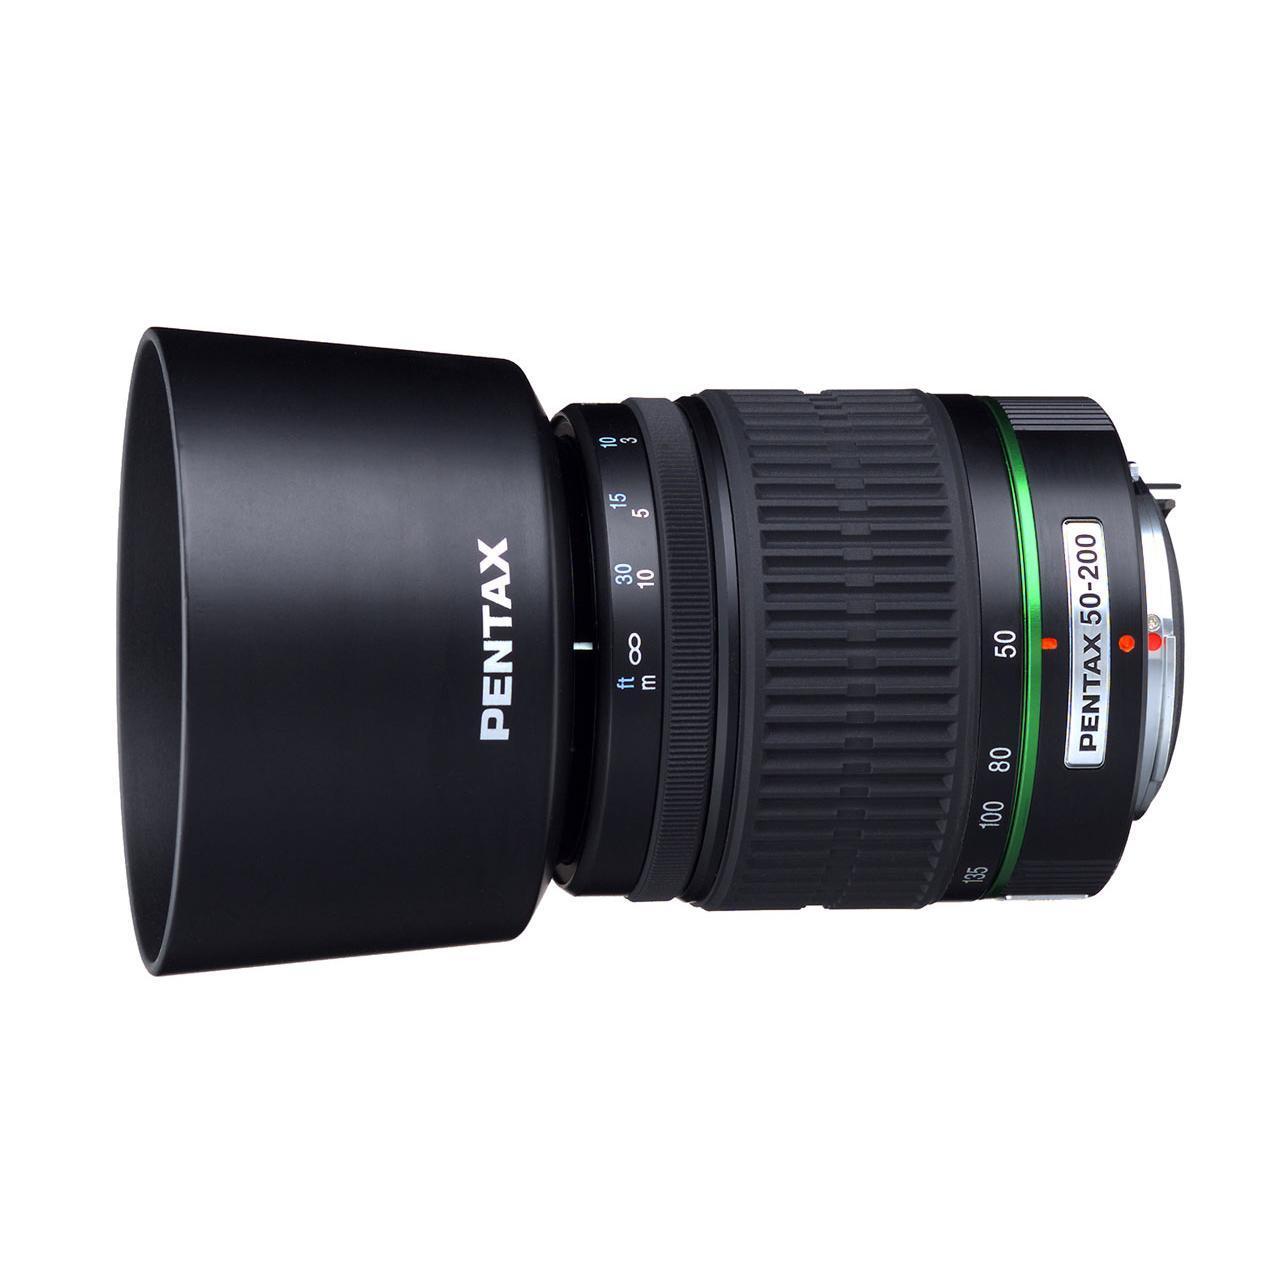 Pentax Objektiv 50-200mm f/4-5.6